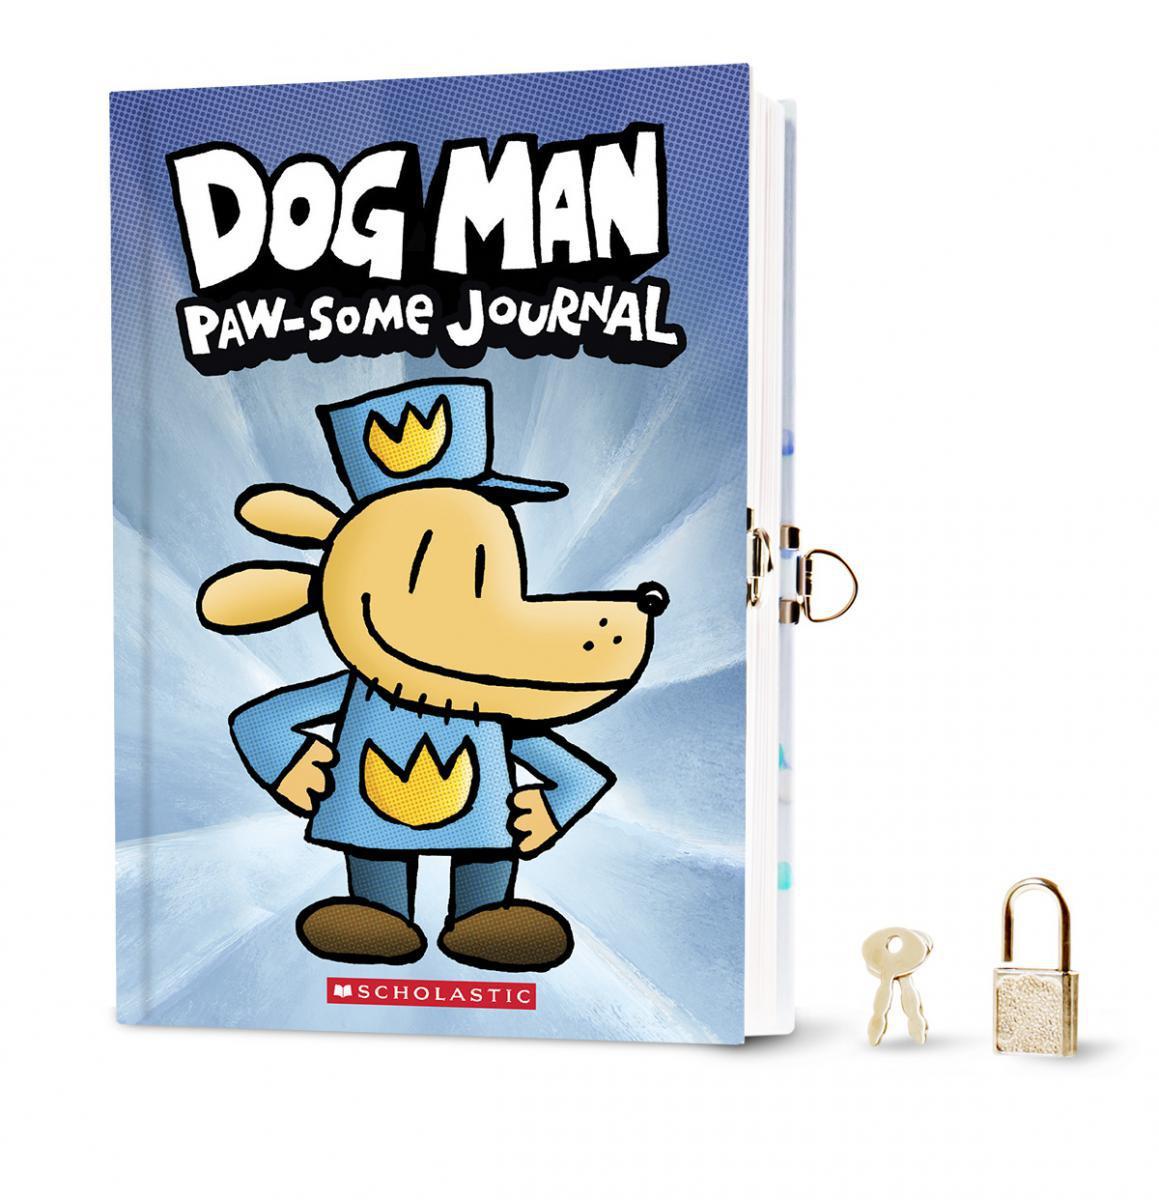 Dog Man: Paw-some Journal